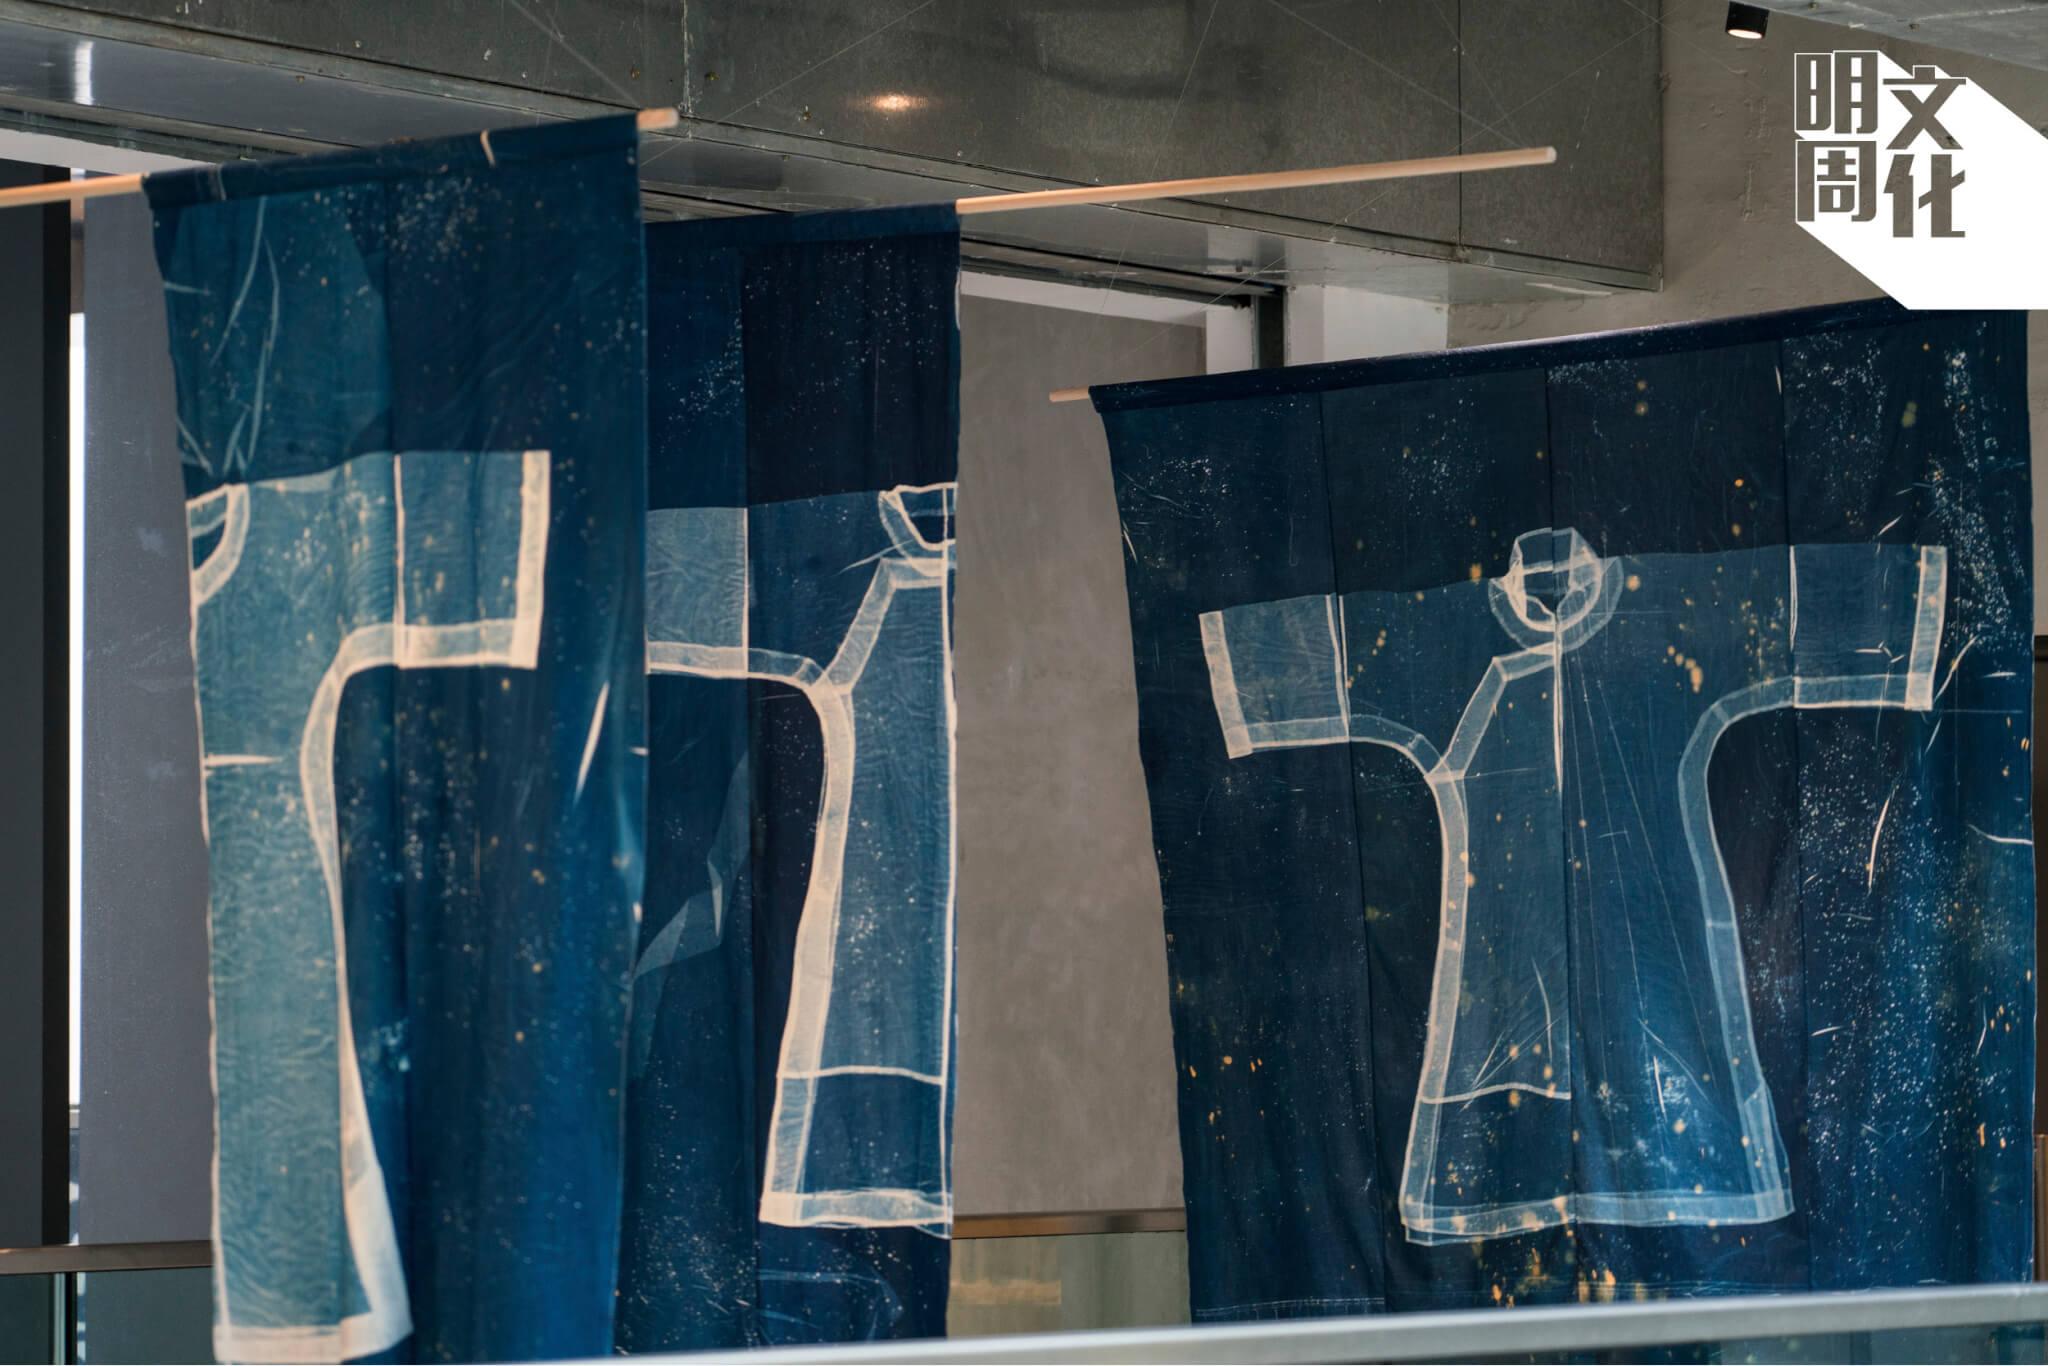 作品上的點點,是嘉玲在完成藍曬曝光後,再用漂白劑和洗衣粉沖曬而成的。她覺得五幅裁和華夏文化就如浩瀚的星空,沒有窮盡。